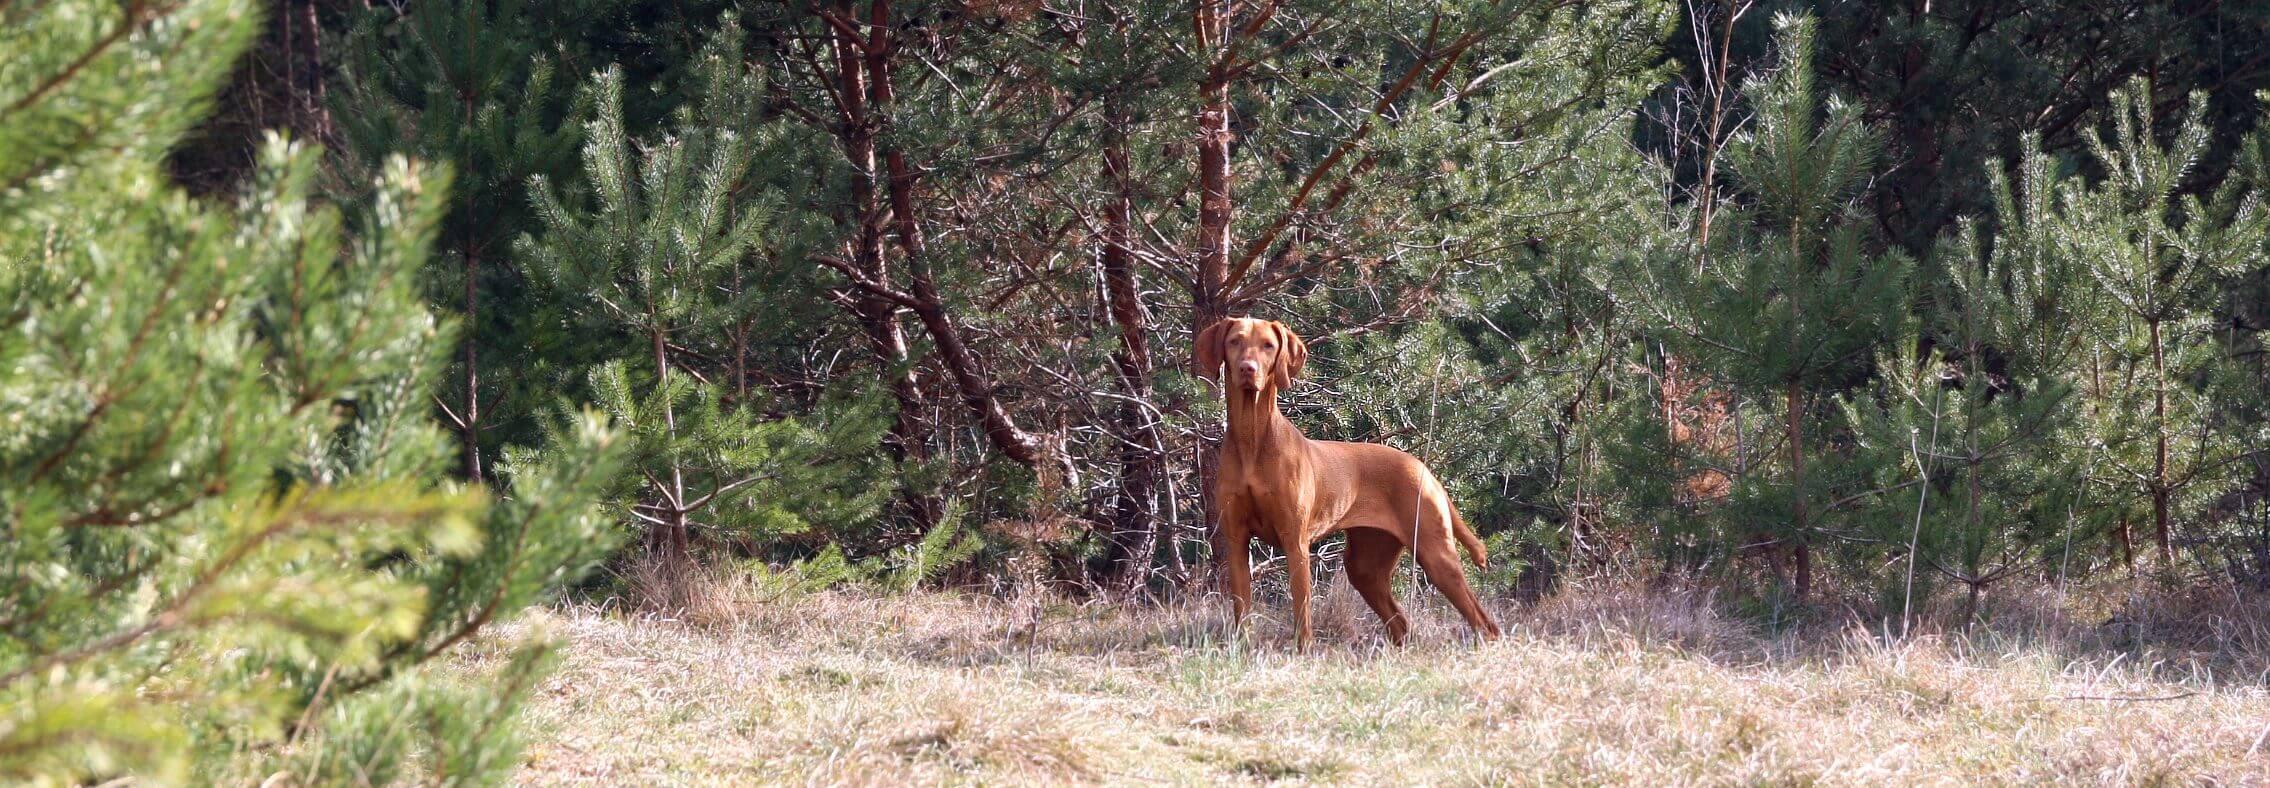 Der aufmerksame Hund